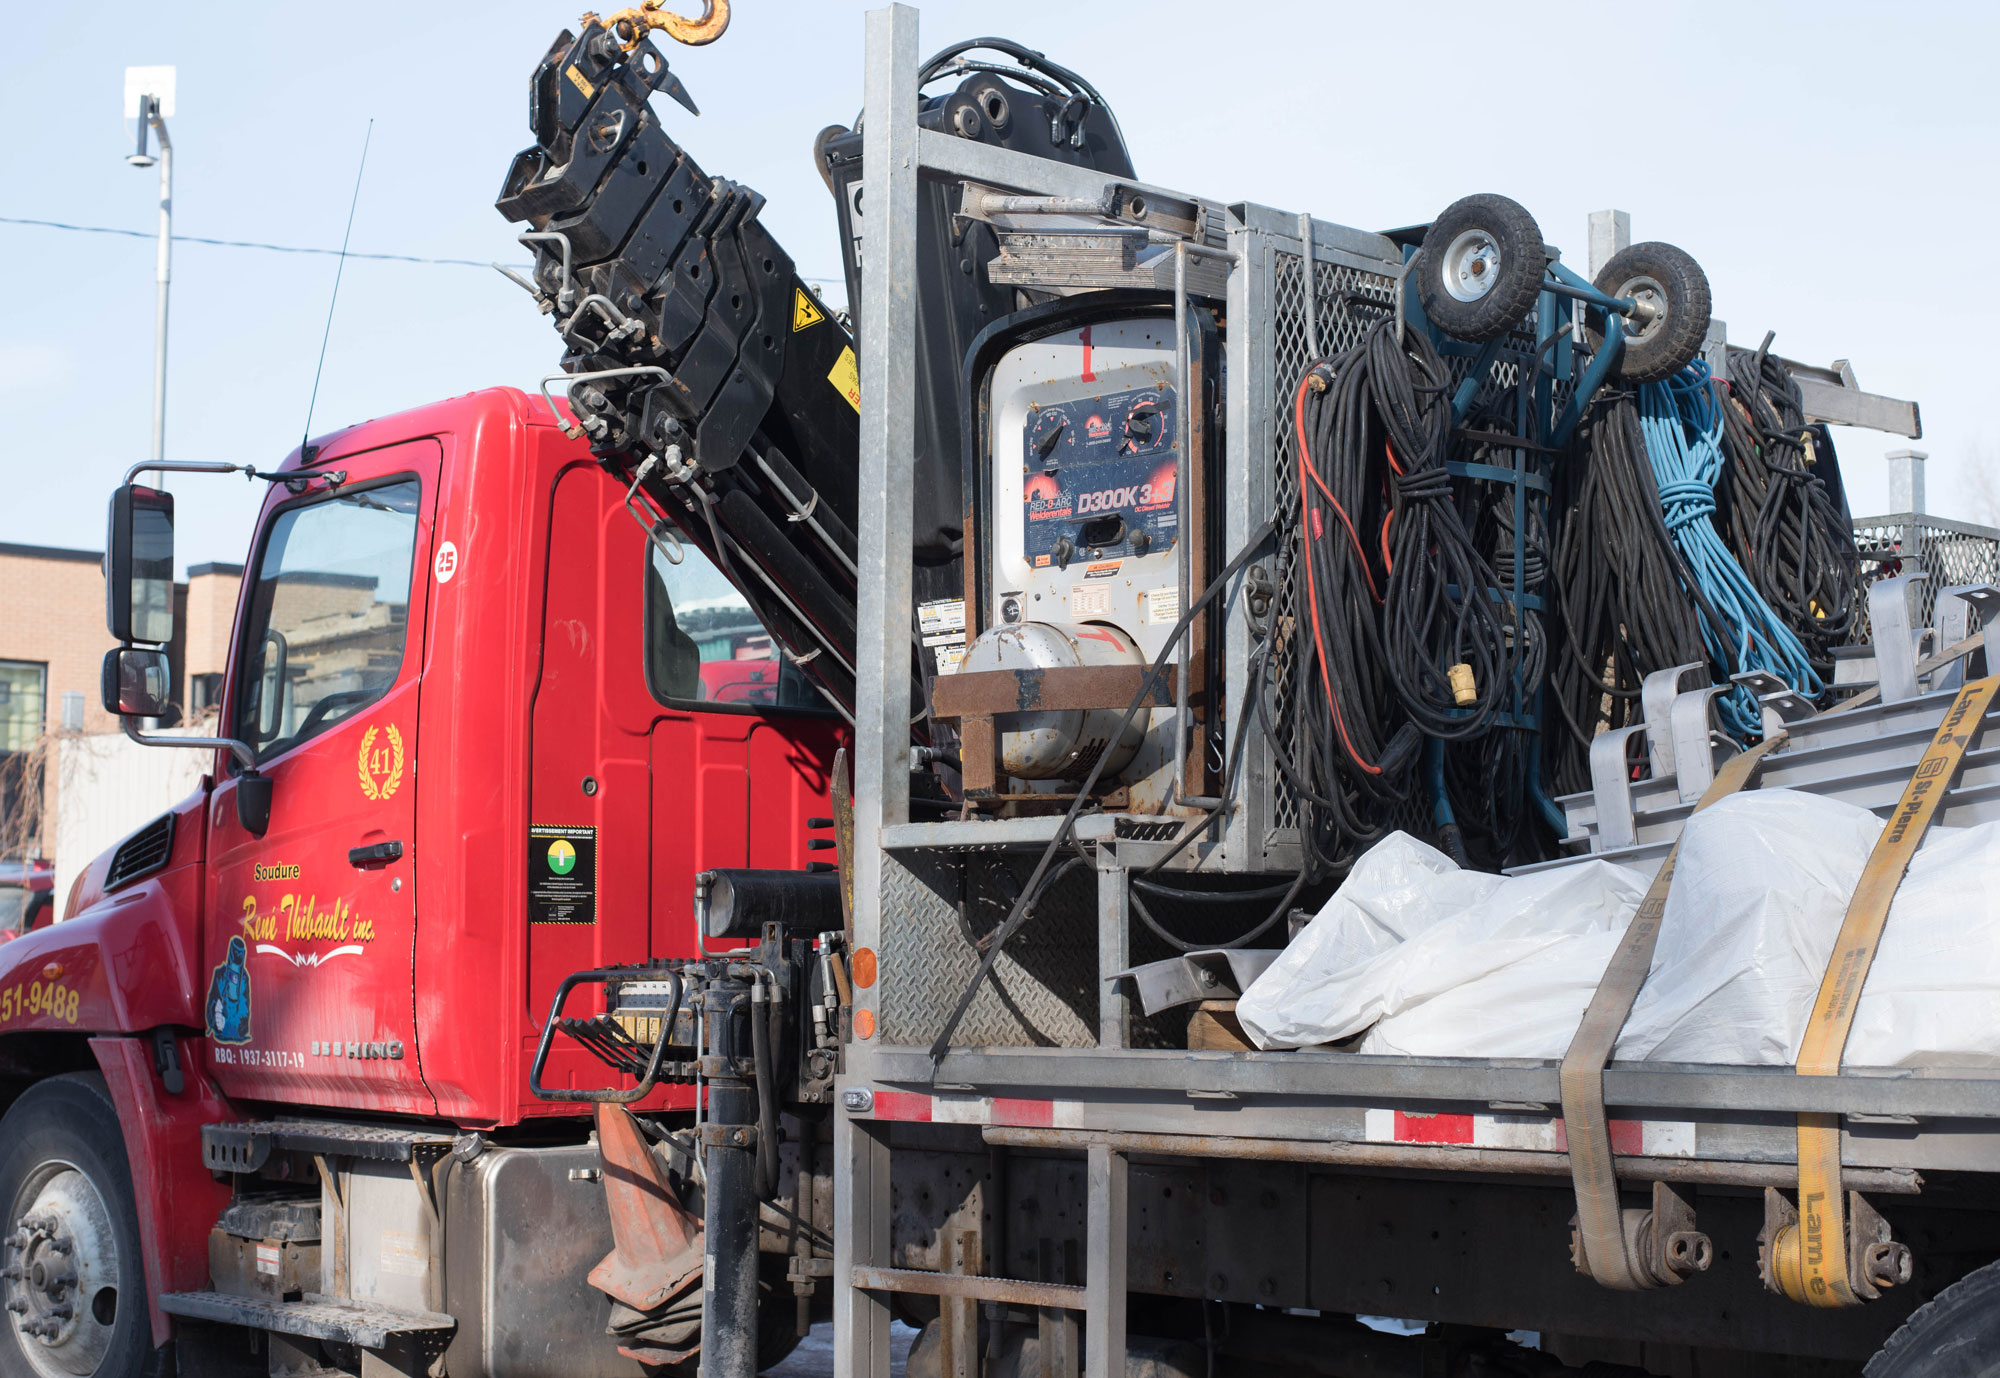 Notre camion-grue | Soudure René Thibault | Livrer. Toujours.